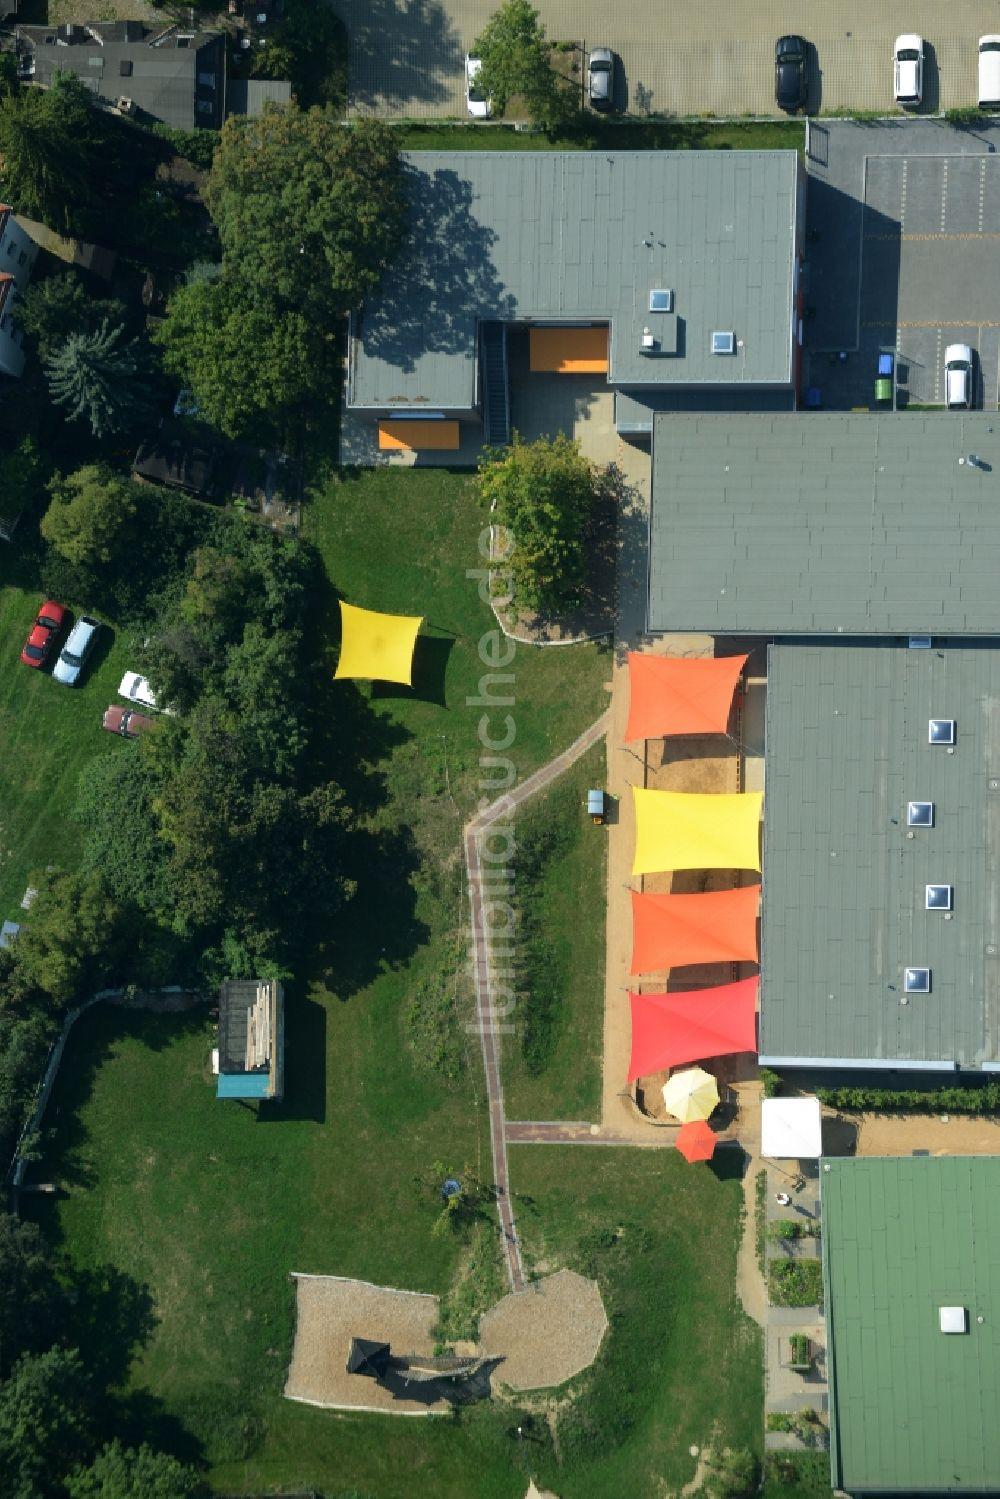 Luftbild Leipzig   Garten Und Dach Der KITA Kindertagesstätte    Kindergarten Kleine Füchse In Leipzig Im Bundesland Sachsen